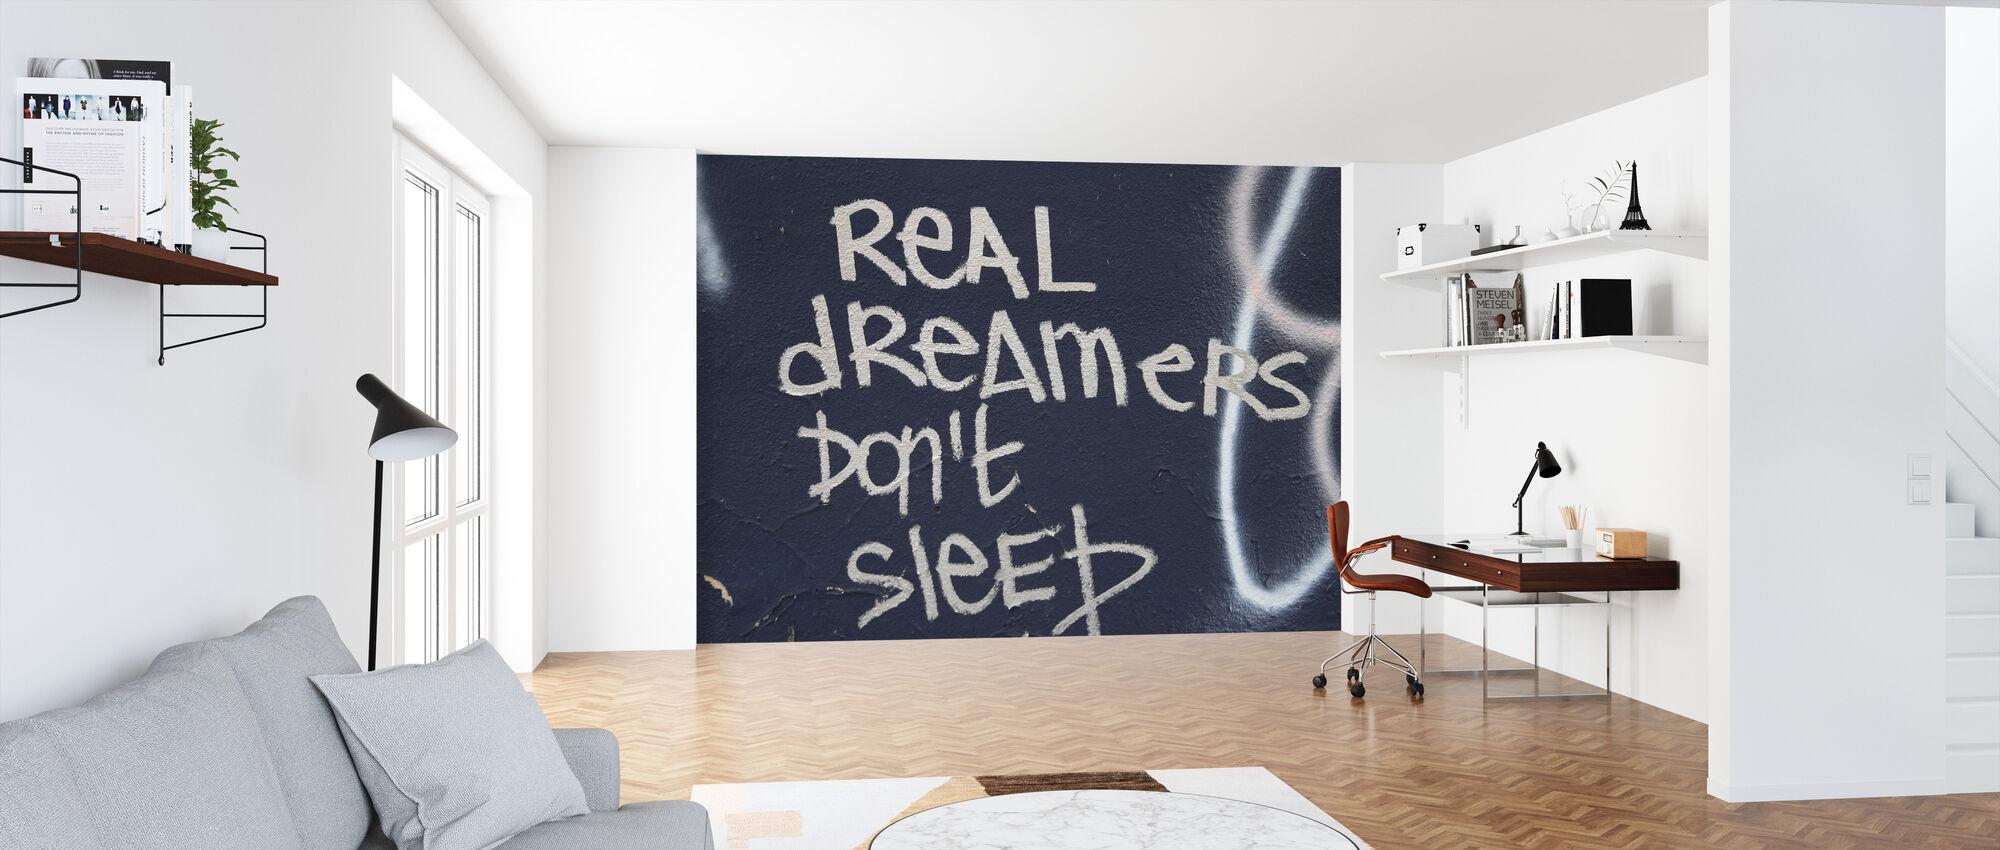 Facade Graffiti - Wallpaper - Office